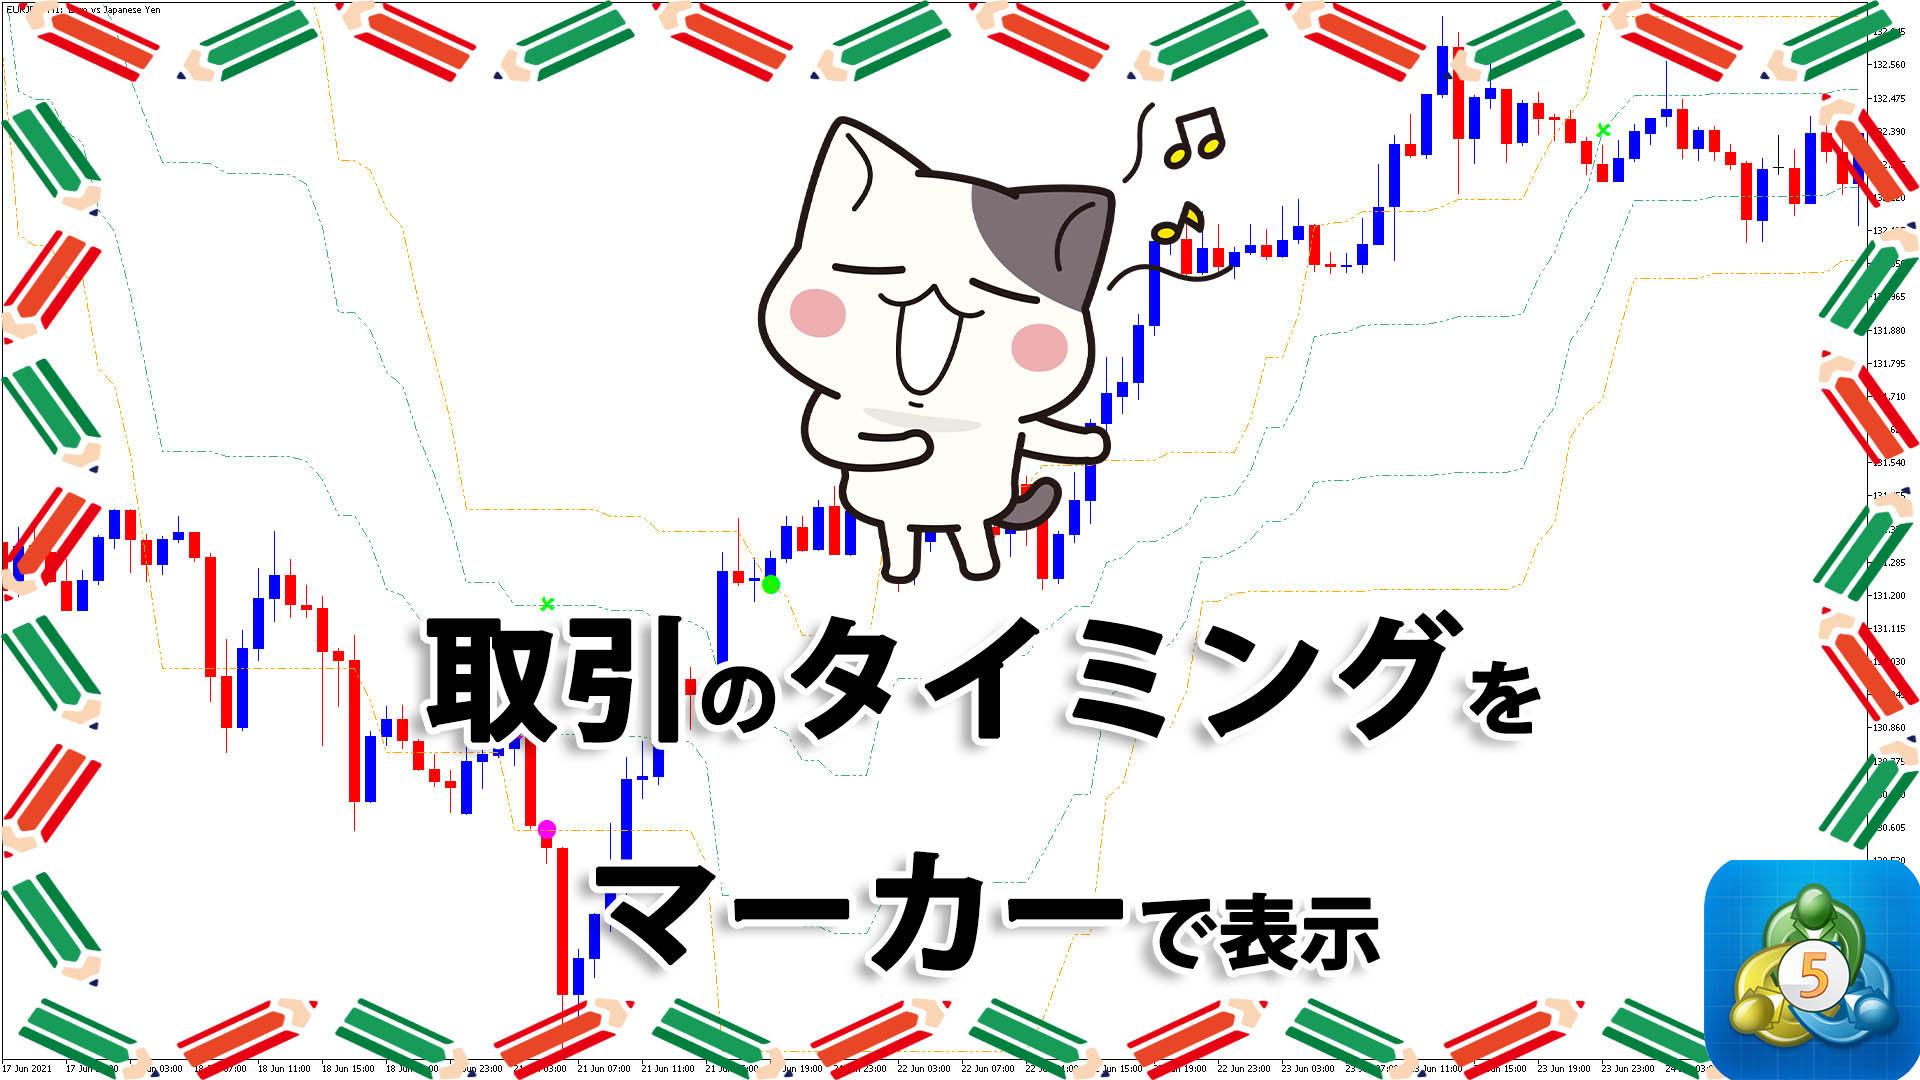 取引のタイミングをマーカーで表示するMT5インジケーター「arrows_curves」